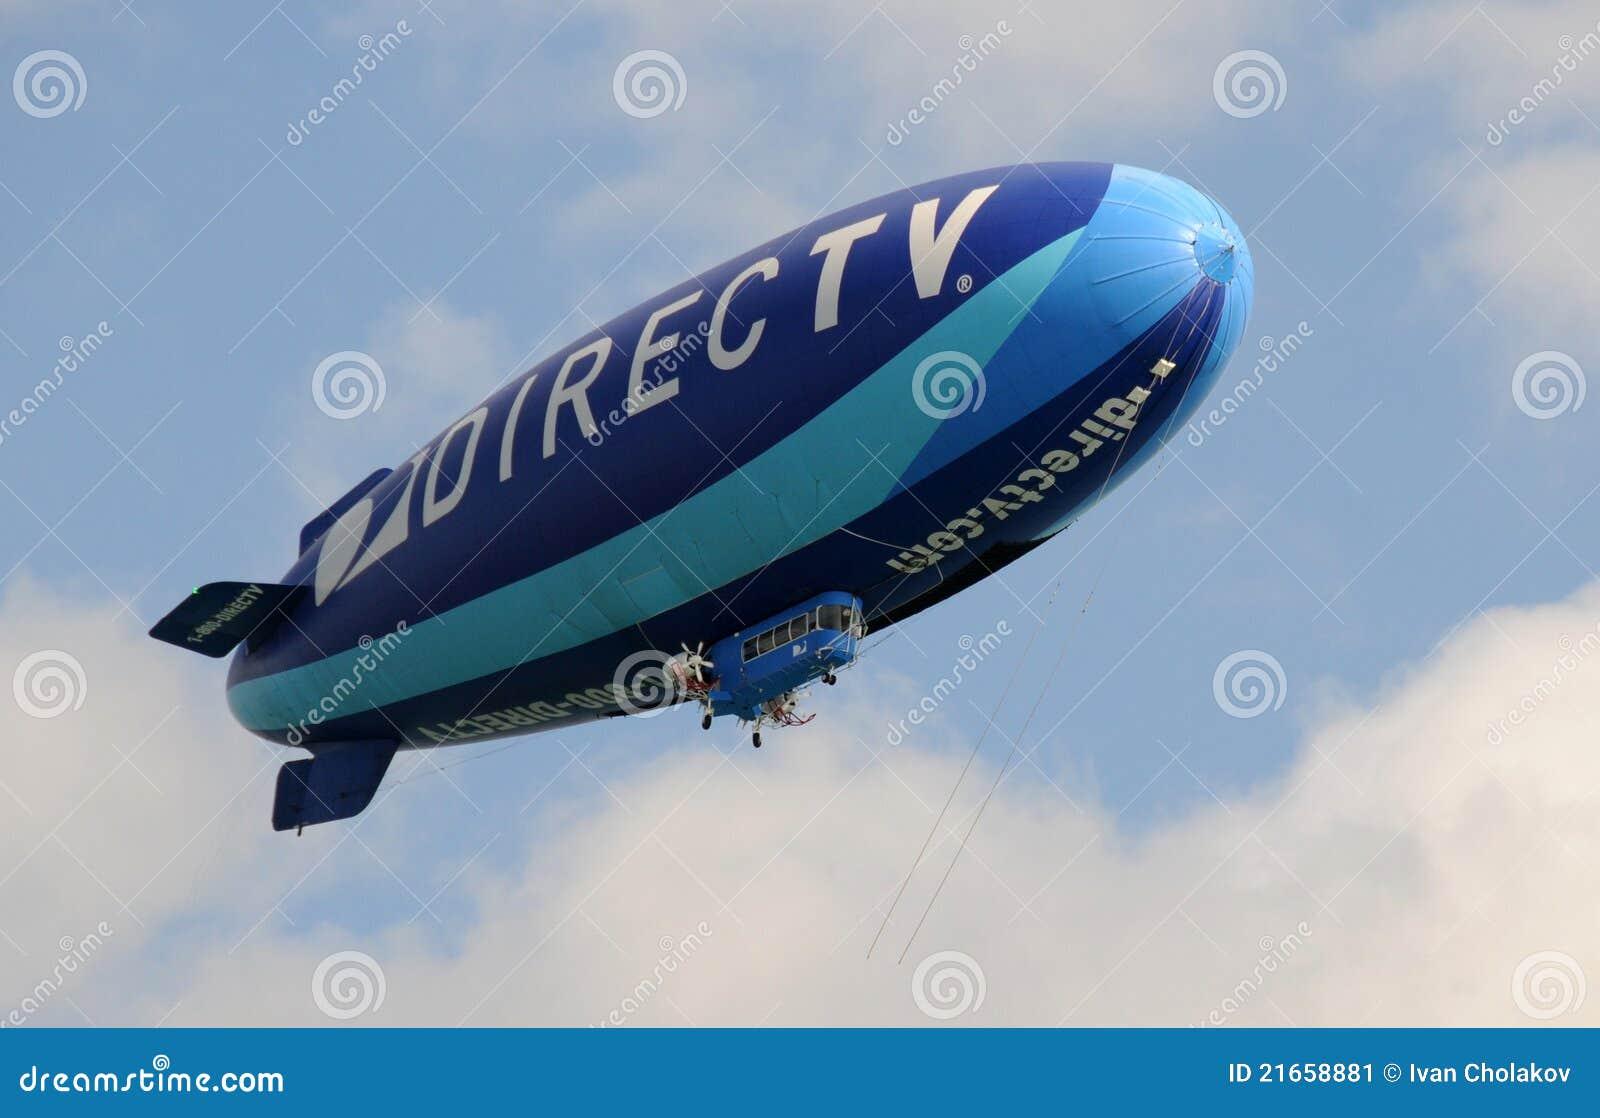 Modern blue airship